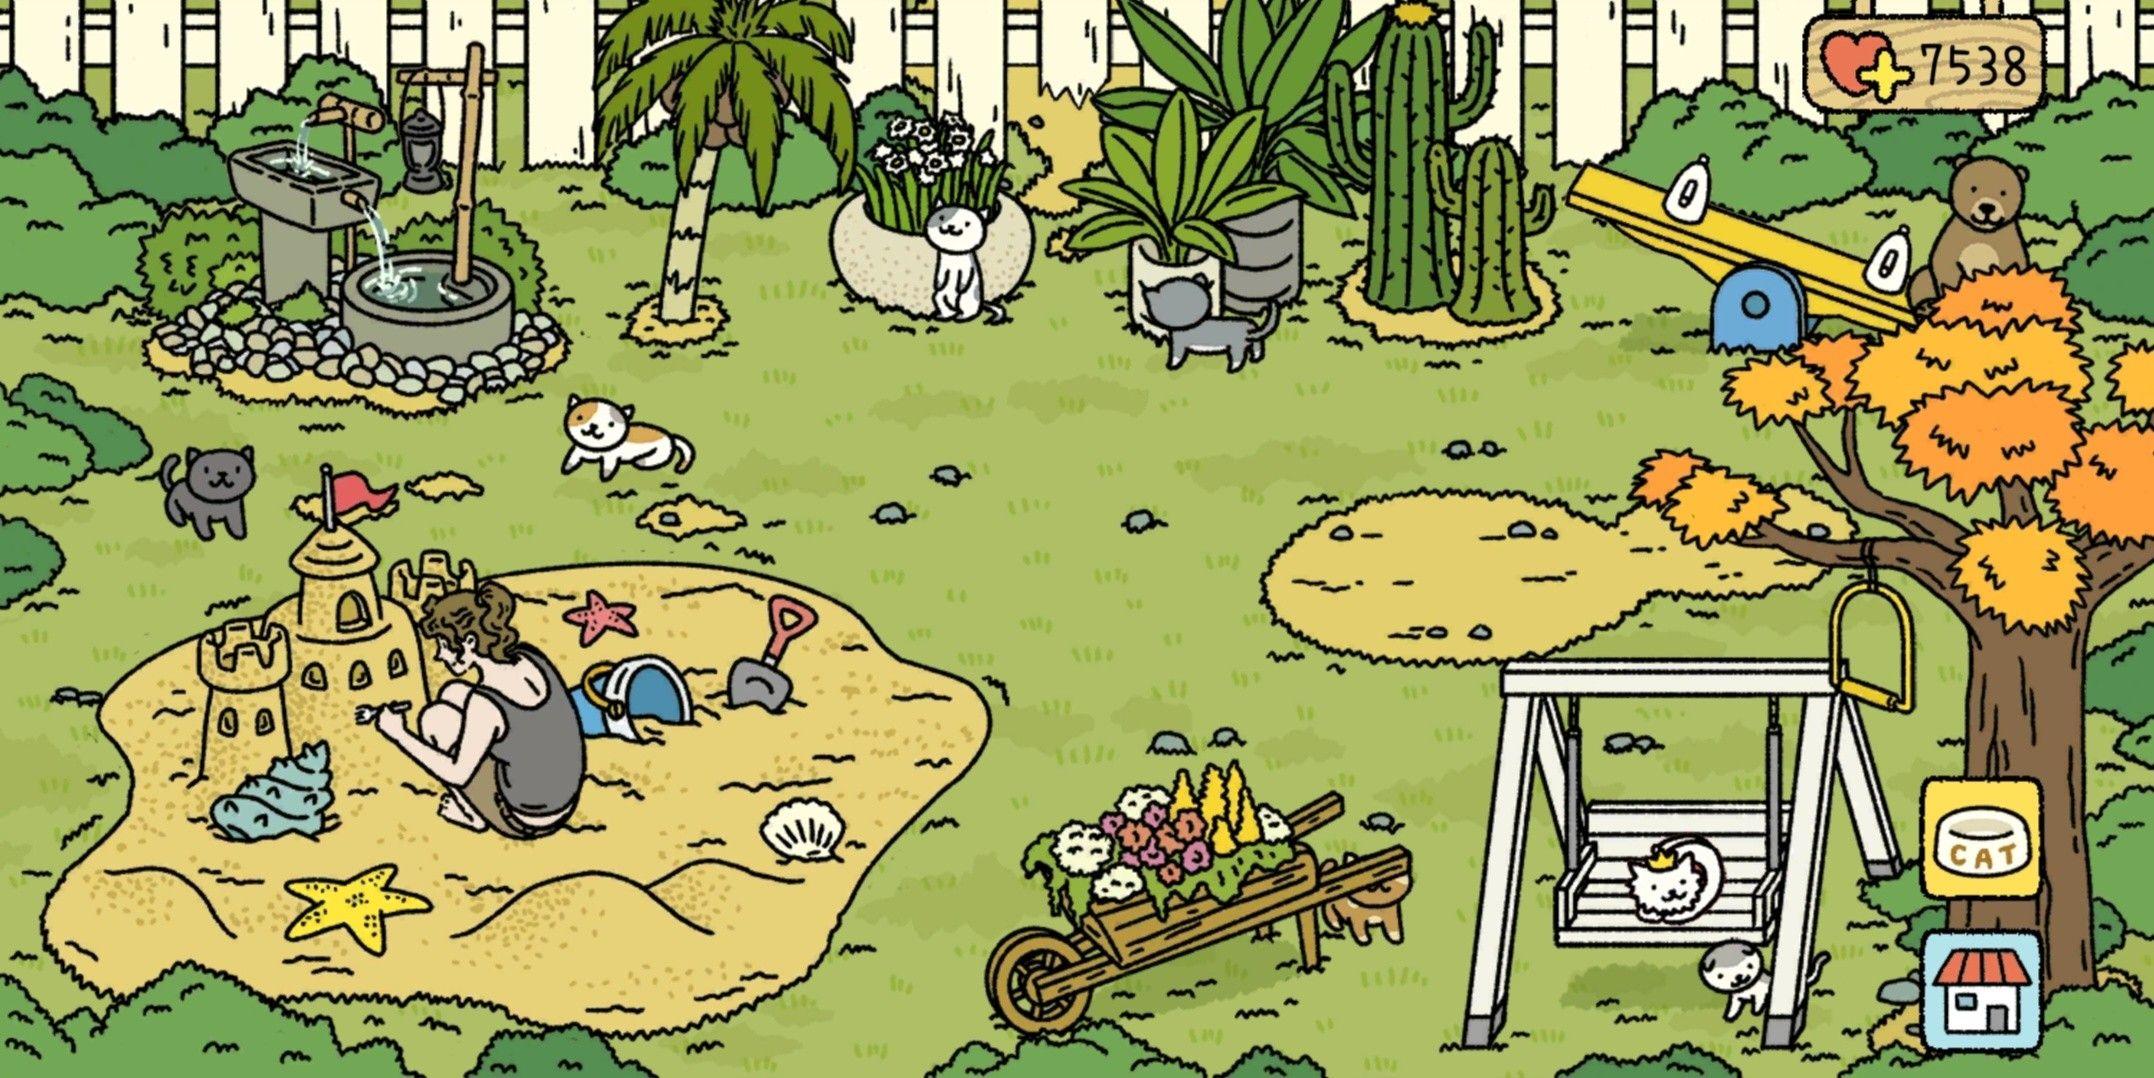 Adorable Home sunny garden trong 21